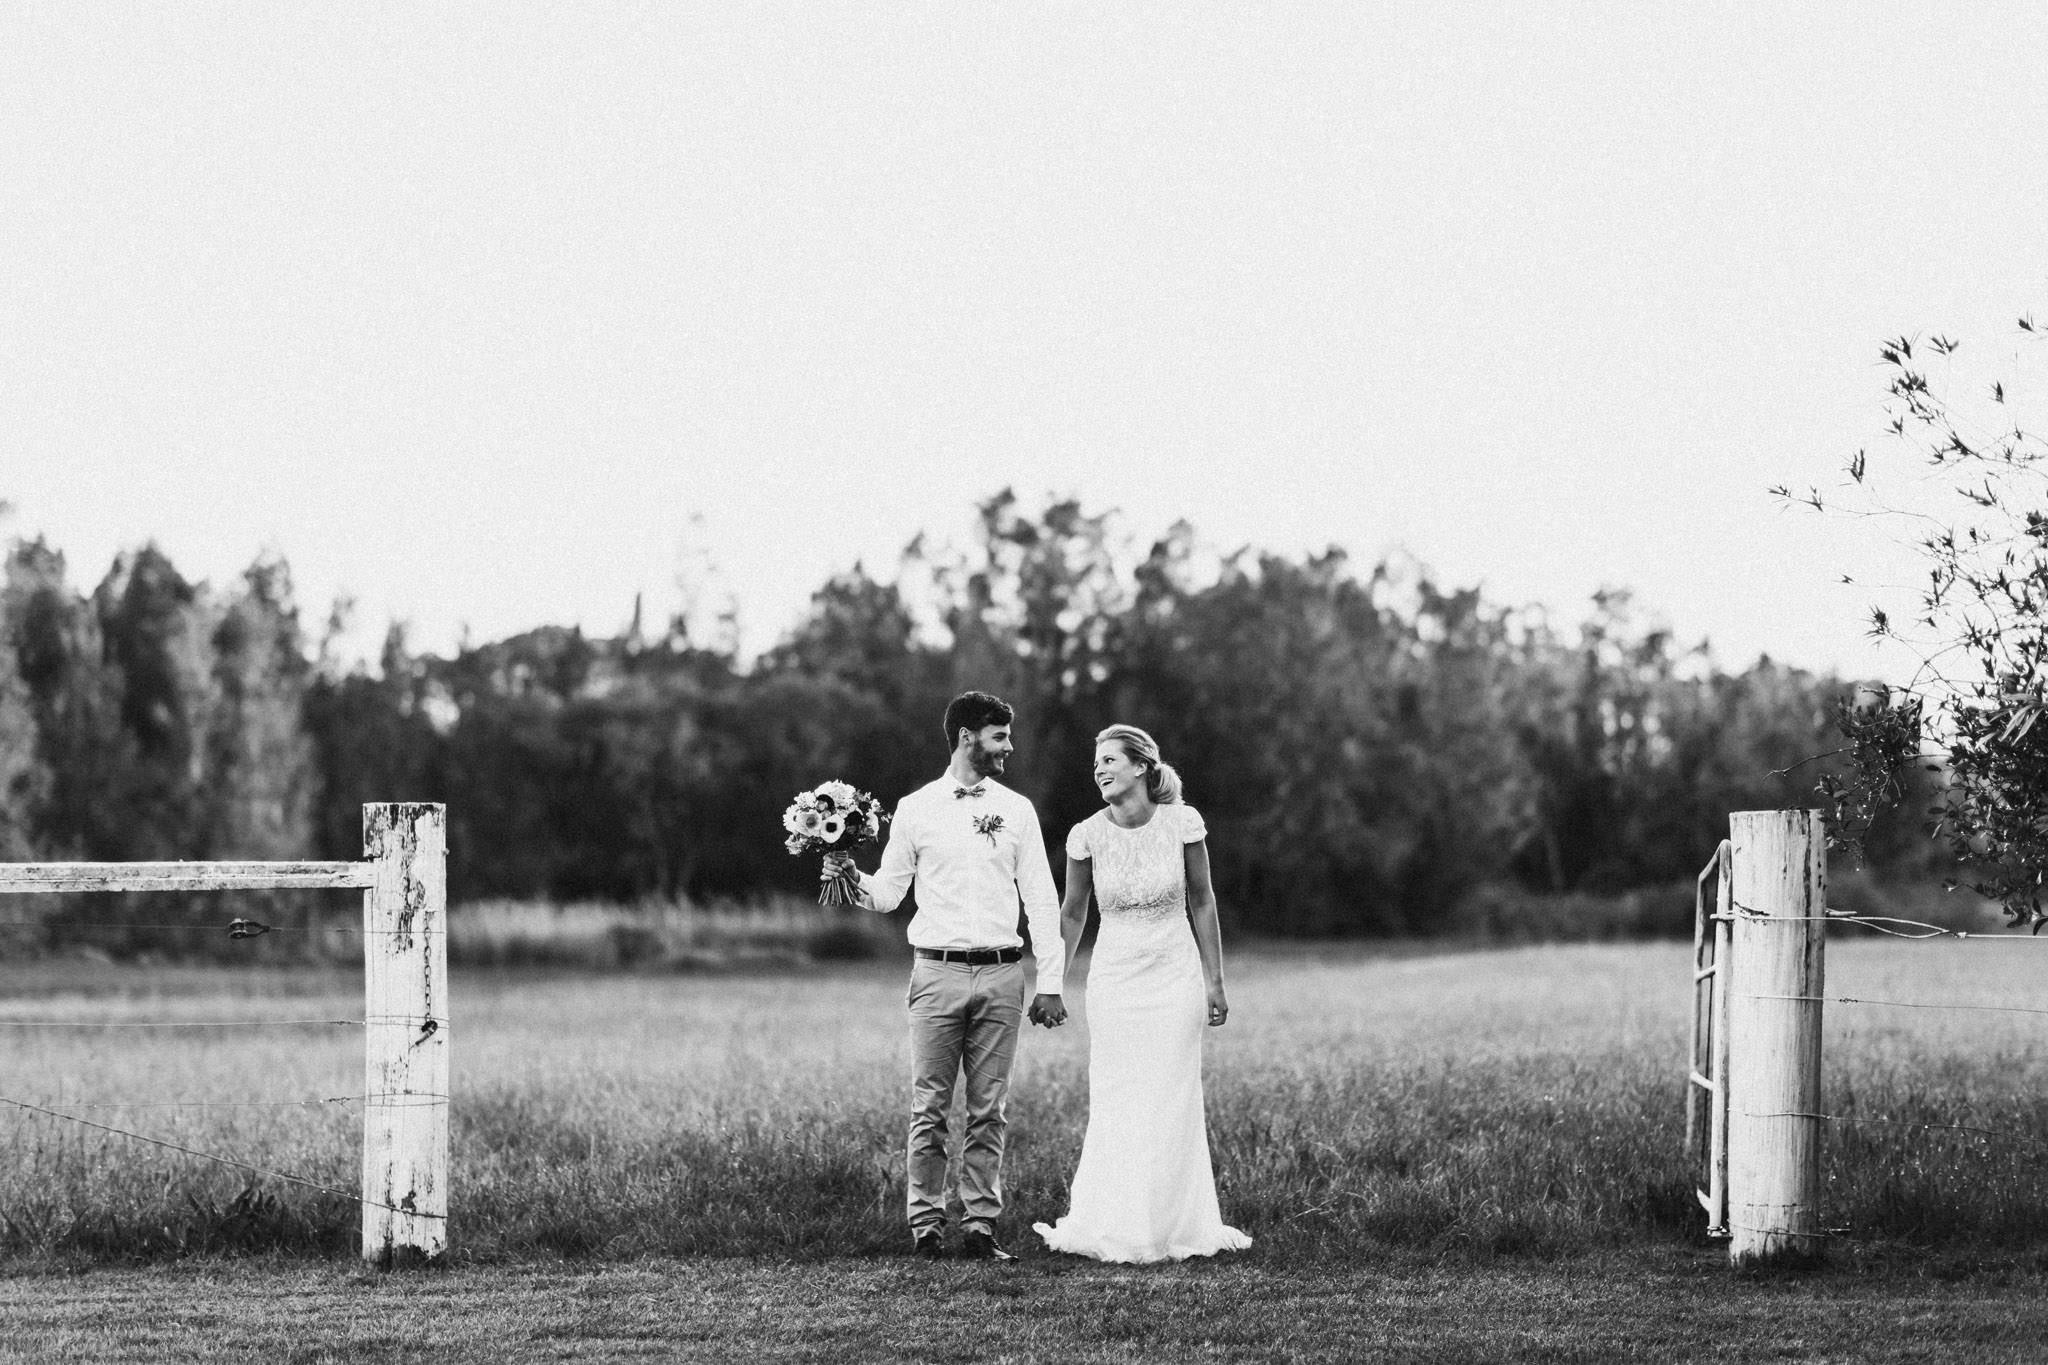 WeddingPhotos_Facebook_2048pixels-1690.jpg